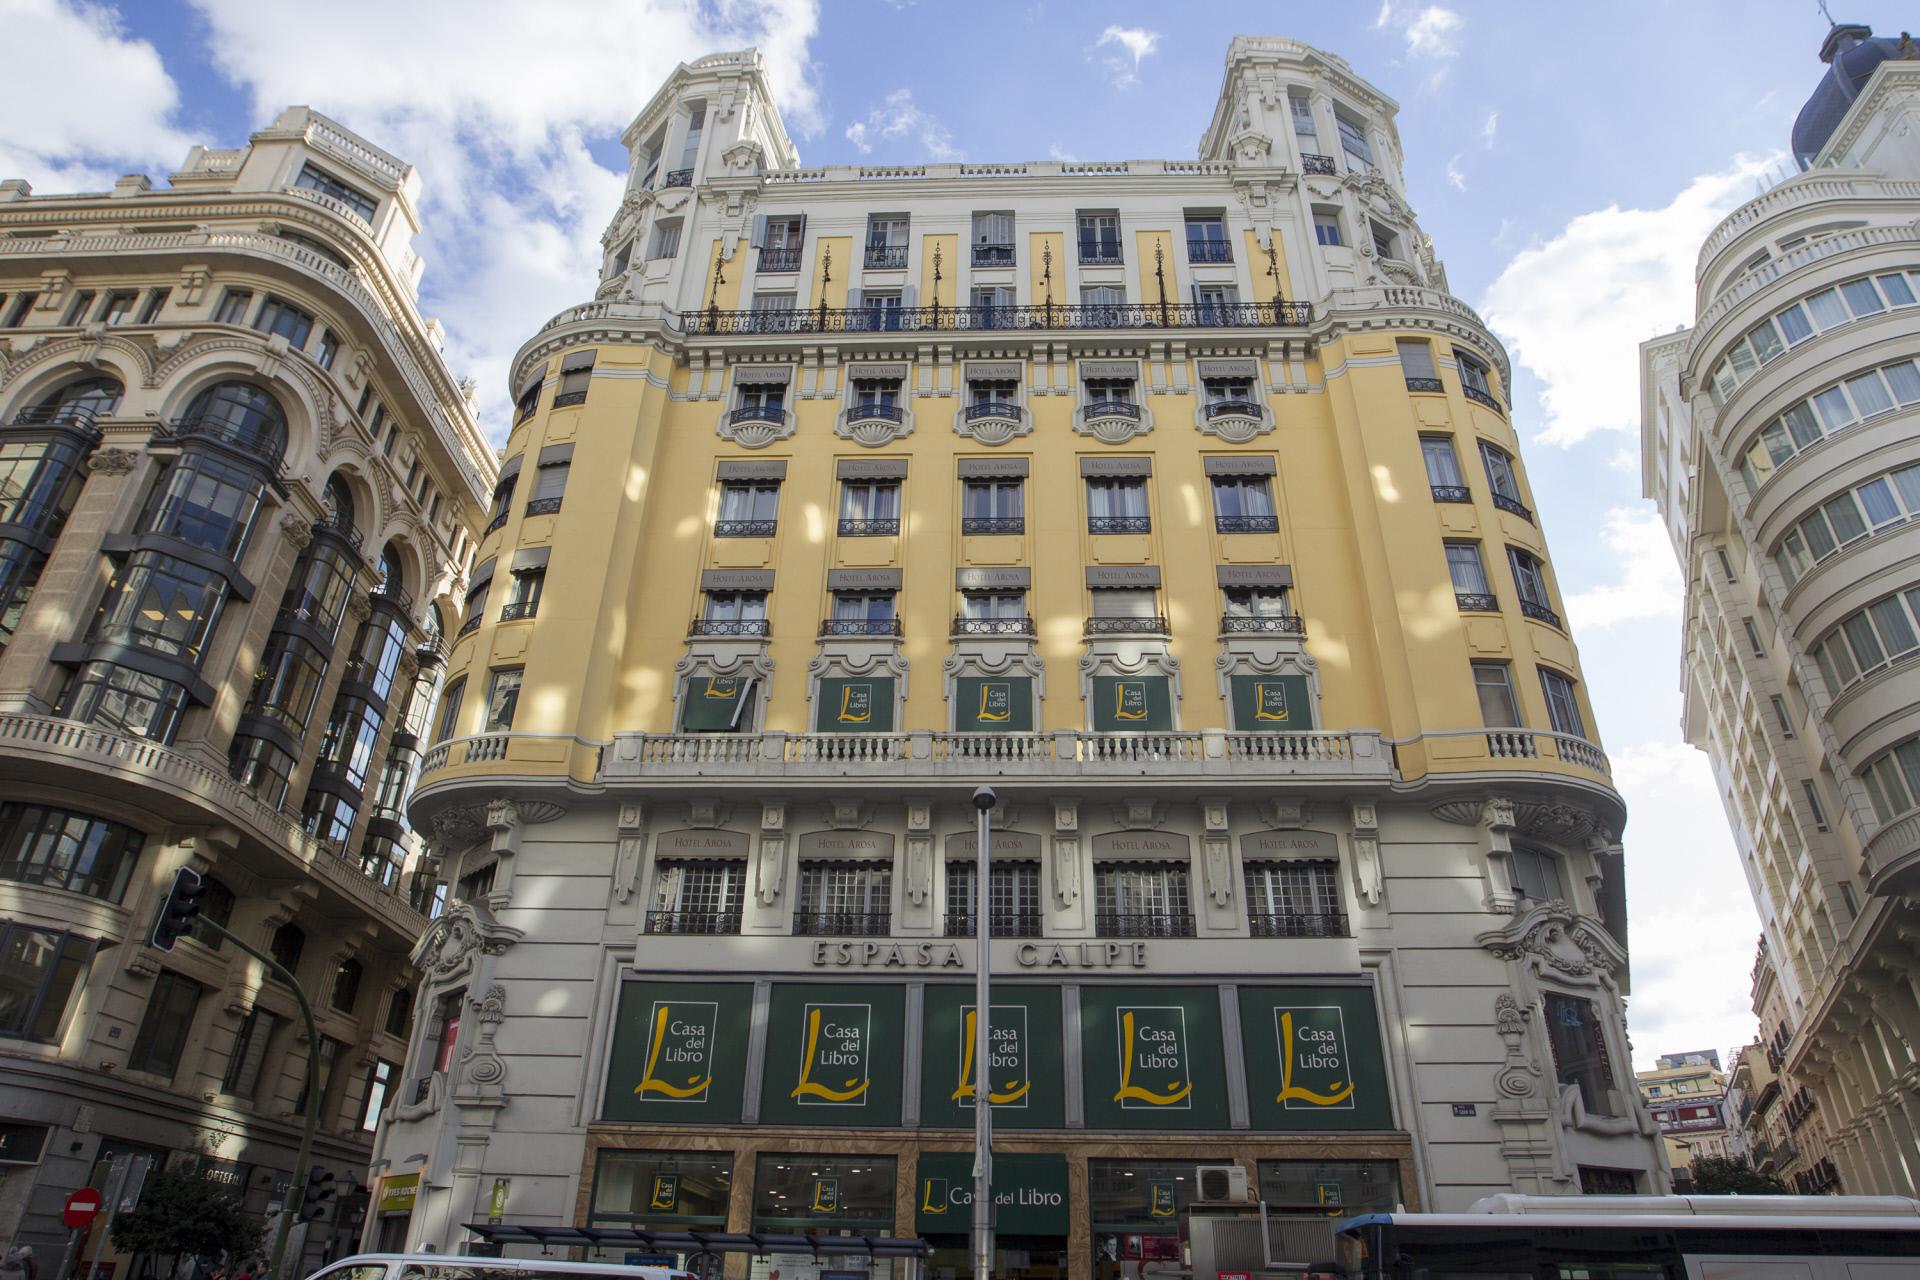 Imagen del edificio donde Cristiano Ronaldo pretende abrir su hotel en Madrid.  / Gtres